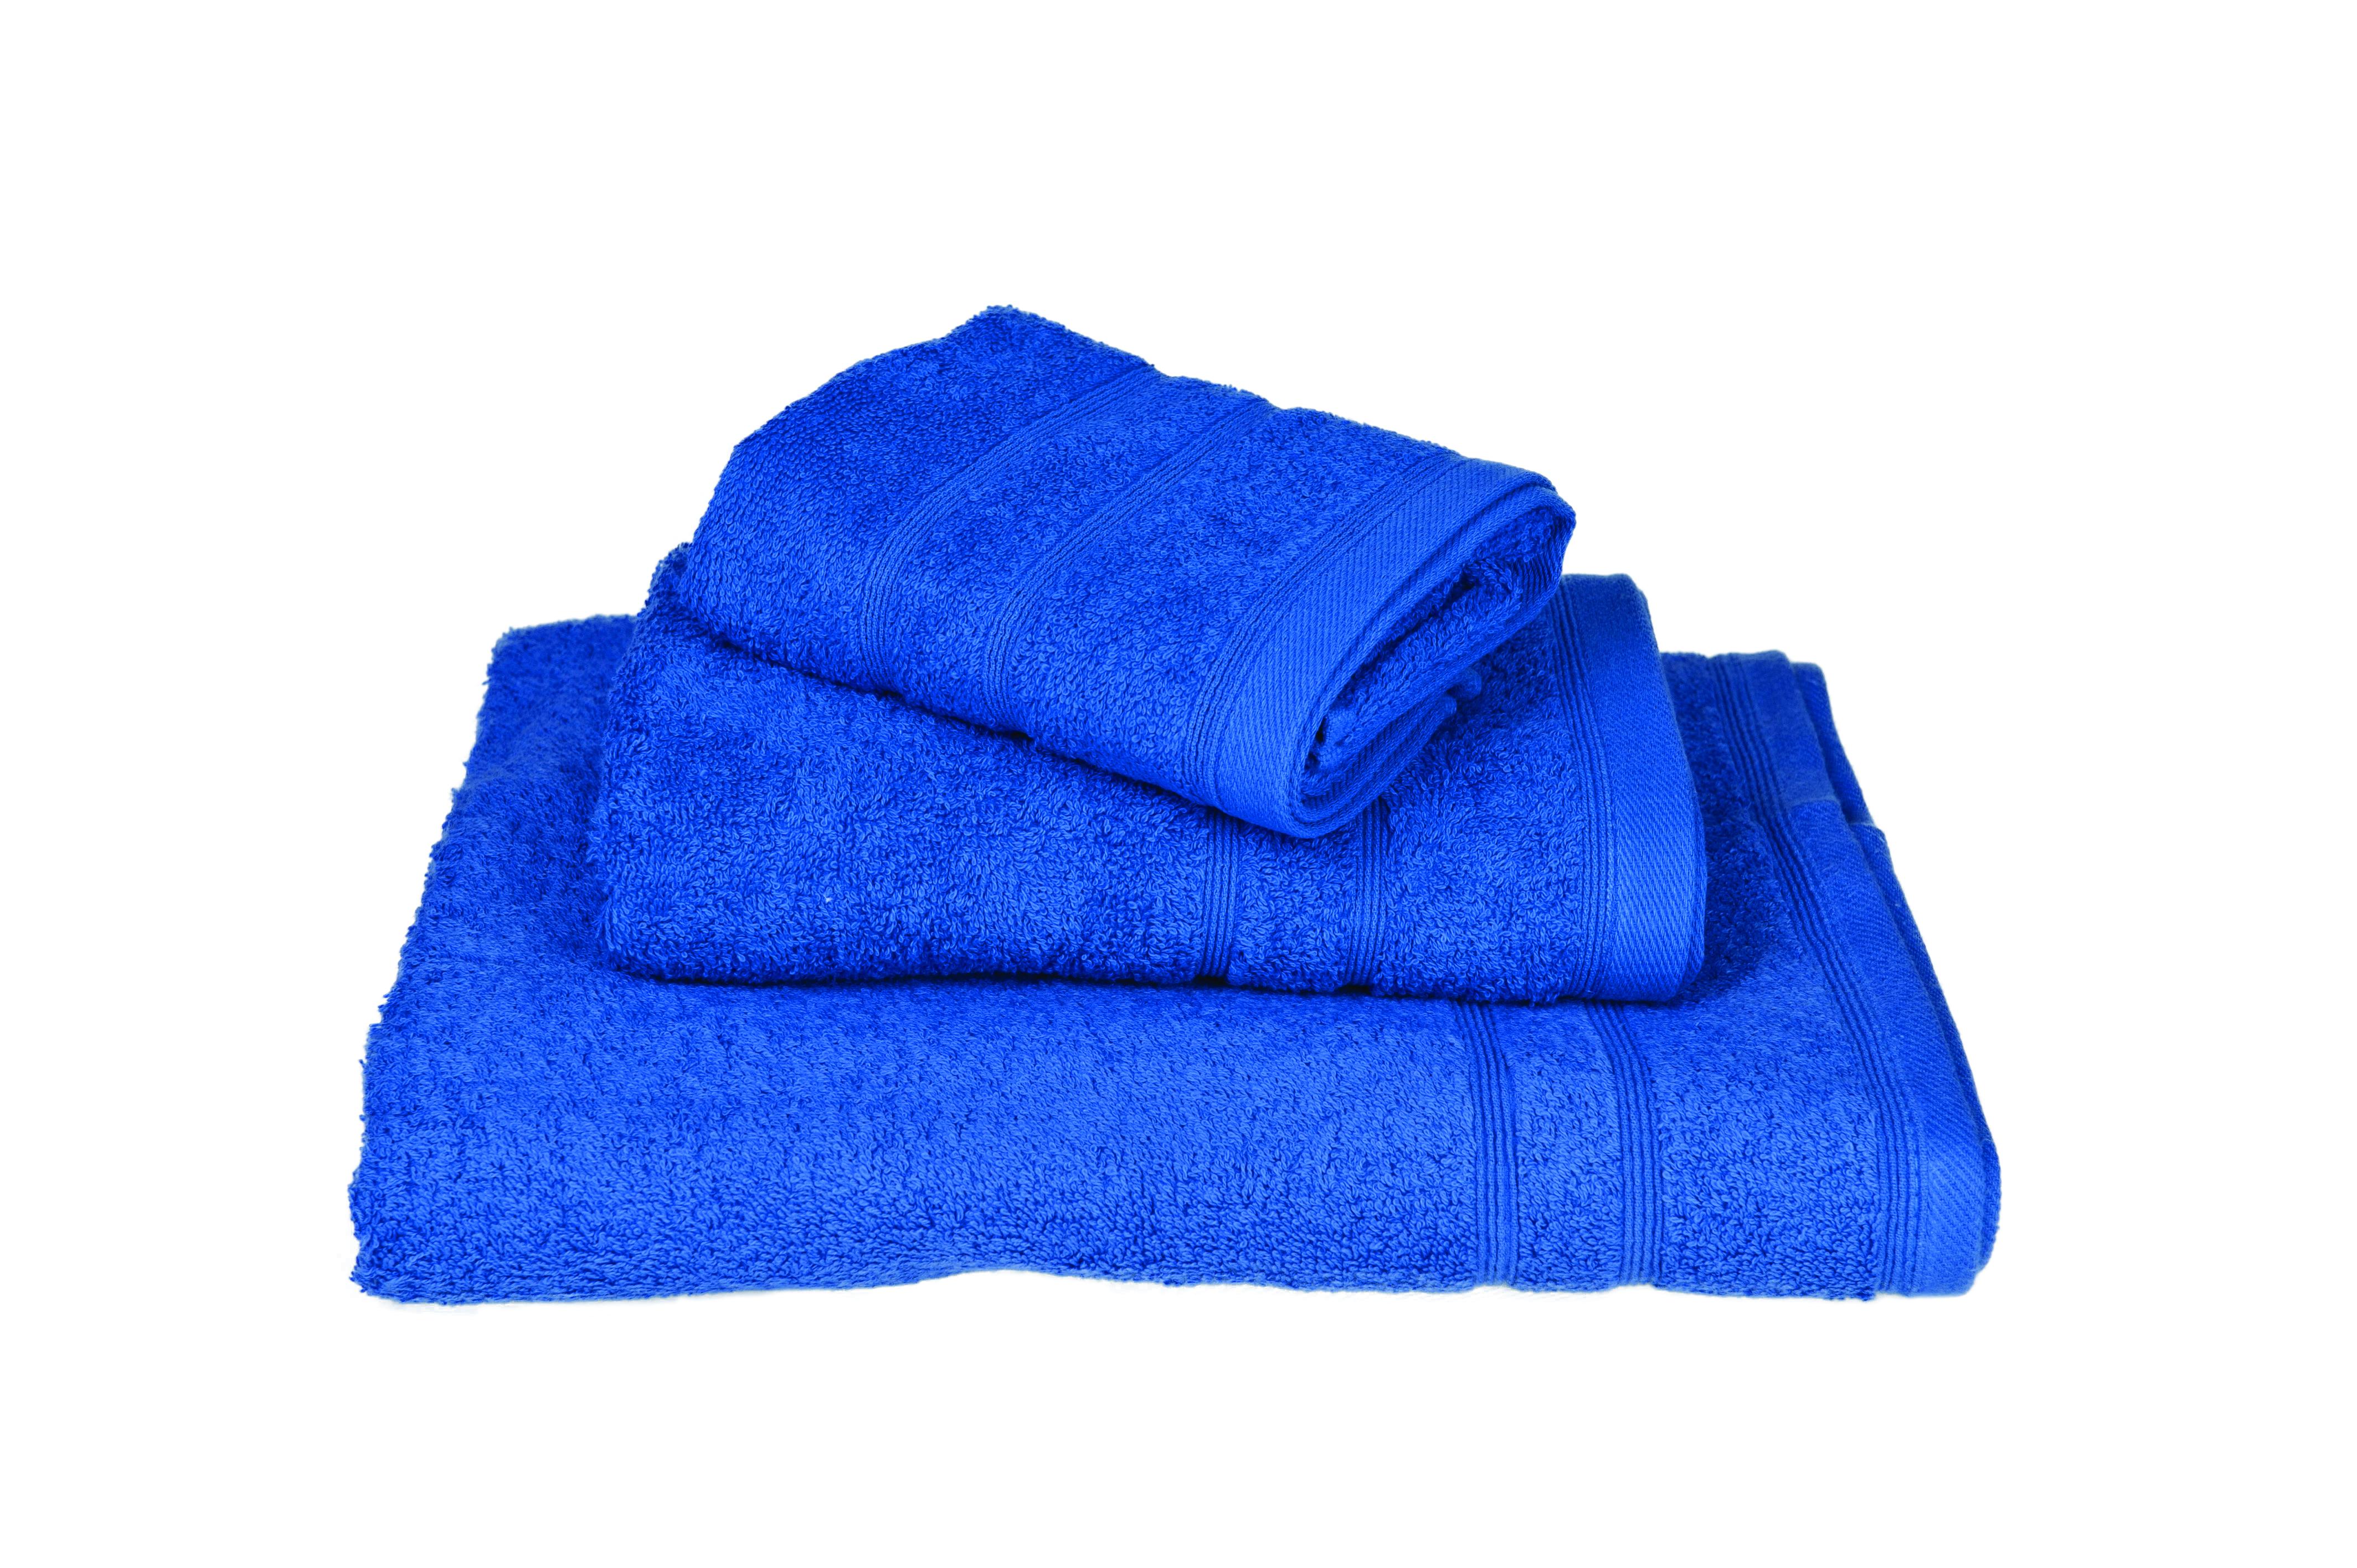 Πετσέτα ΚΟΜΒΟΣ Πεννιέ 500γρ/μ² Μπλέ Προσώπου 50x90 - 399-2